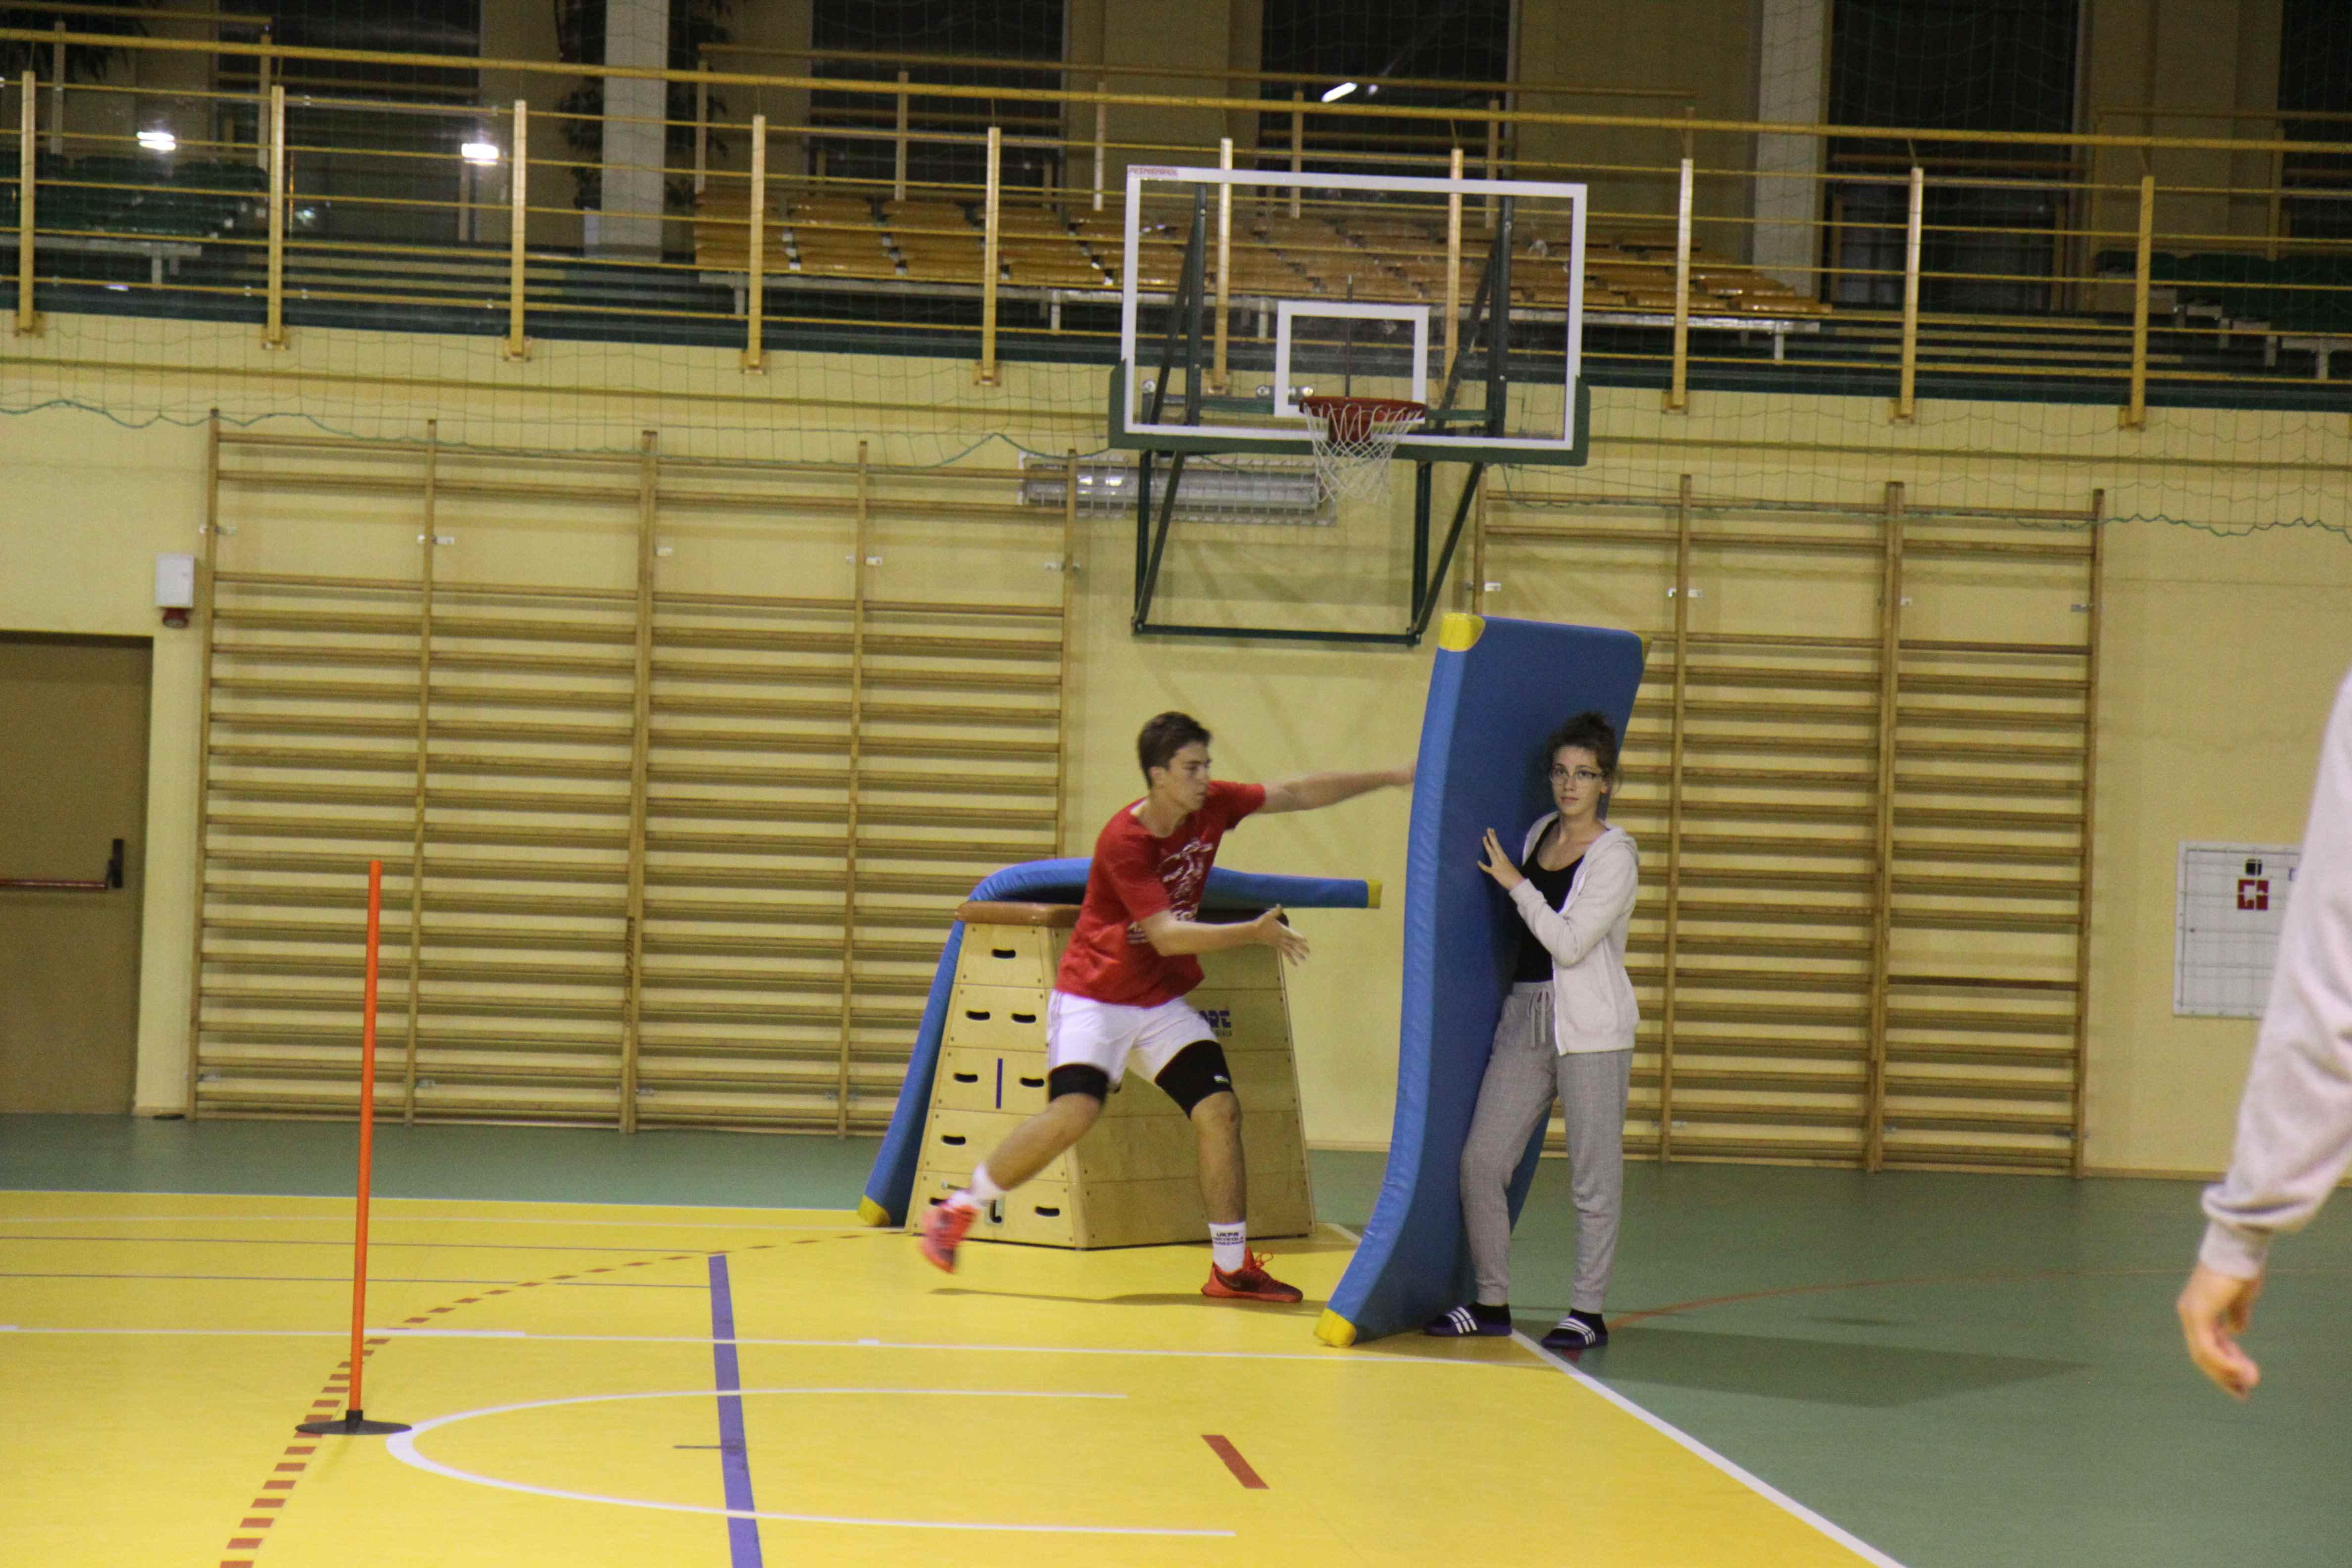 zajęcia sportowe z materacami